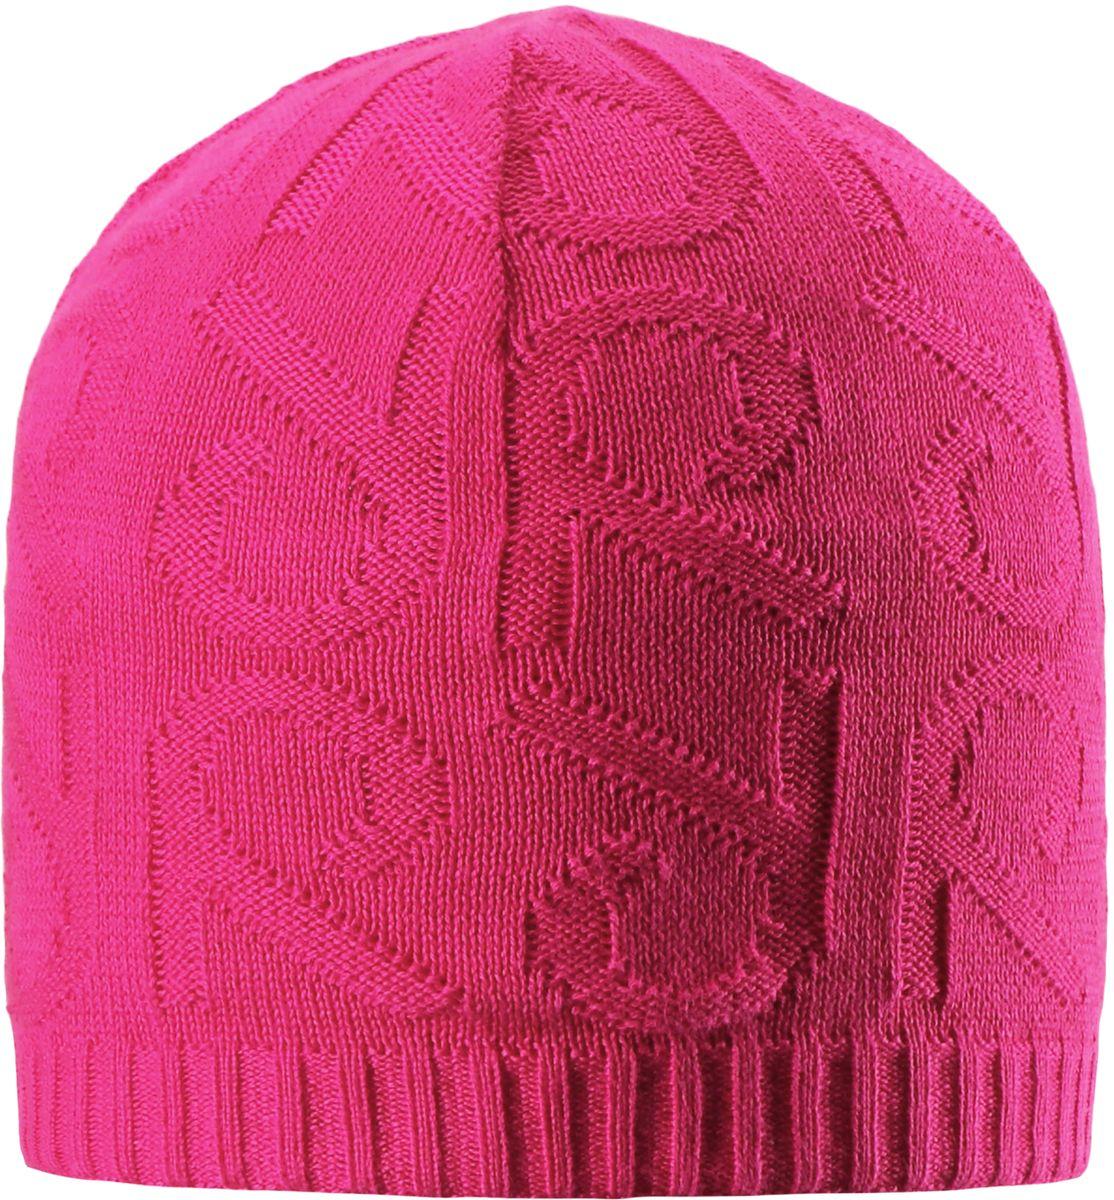 Шапка детская Reima Ankkuri, цвет: розовый. 5285114620. Размер 545285114620Стильная вязаная шапочка для малышей подходит на все случаи жизни. Благодаря модному рисунку она отлично сочетается с разными вариантами одежды. Полуподкладка из хлопчатобумажного трикотажа гарантирует тепло, а ветронепроницаемые вставки между верхним слоем и подкладкой, защищают уши. Светоотражающие детали помогут лучше разглядеть ребенка в темное время суток.